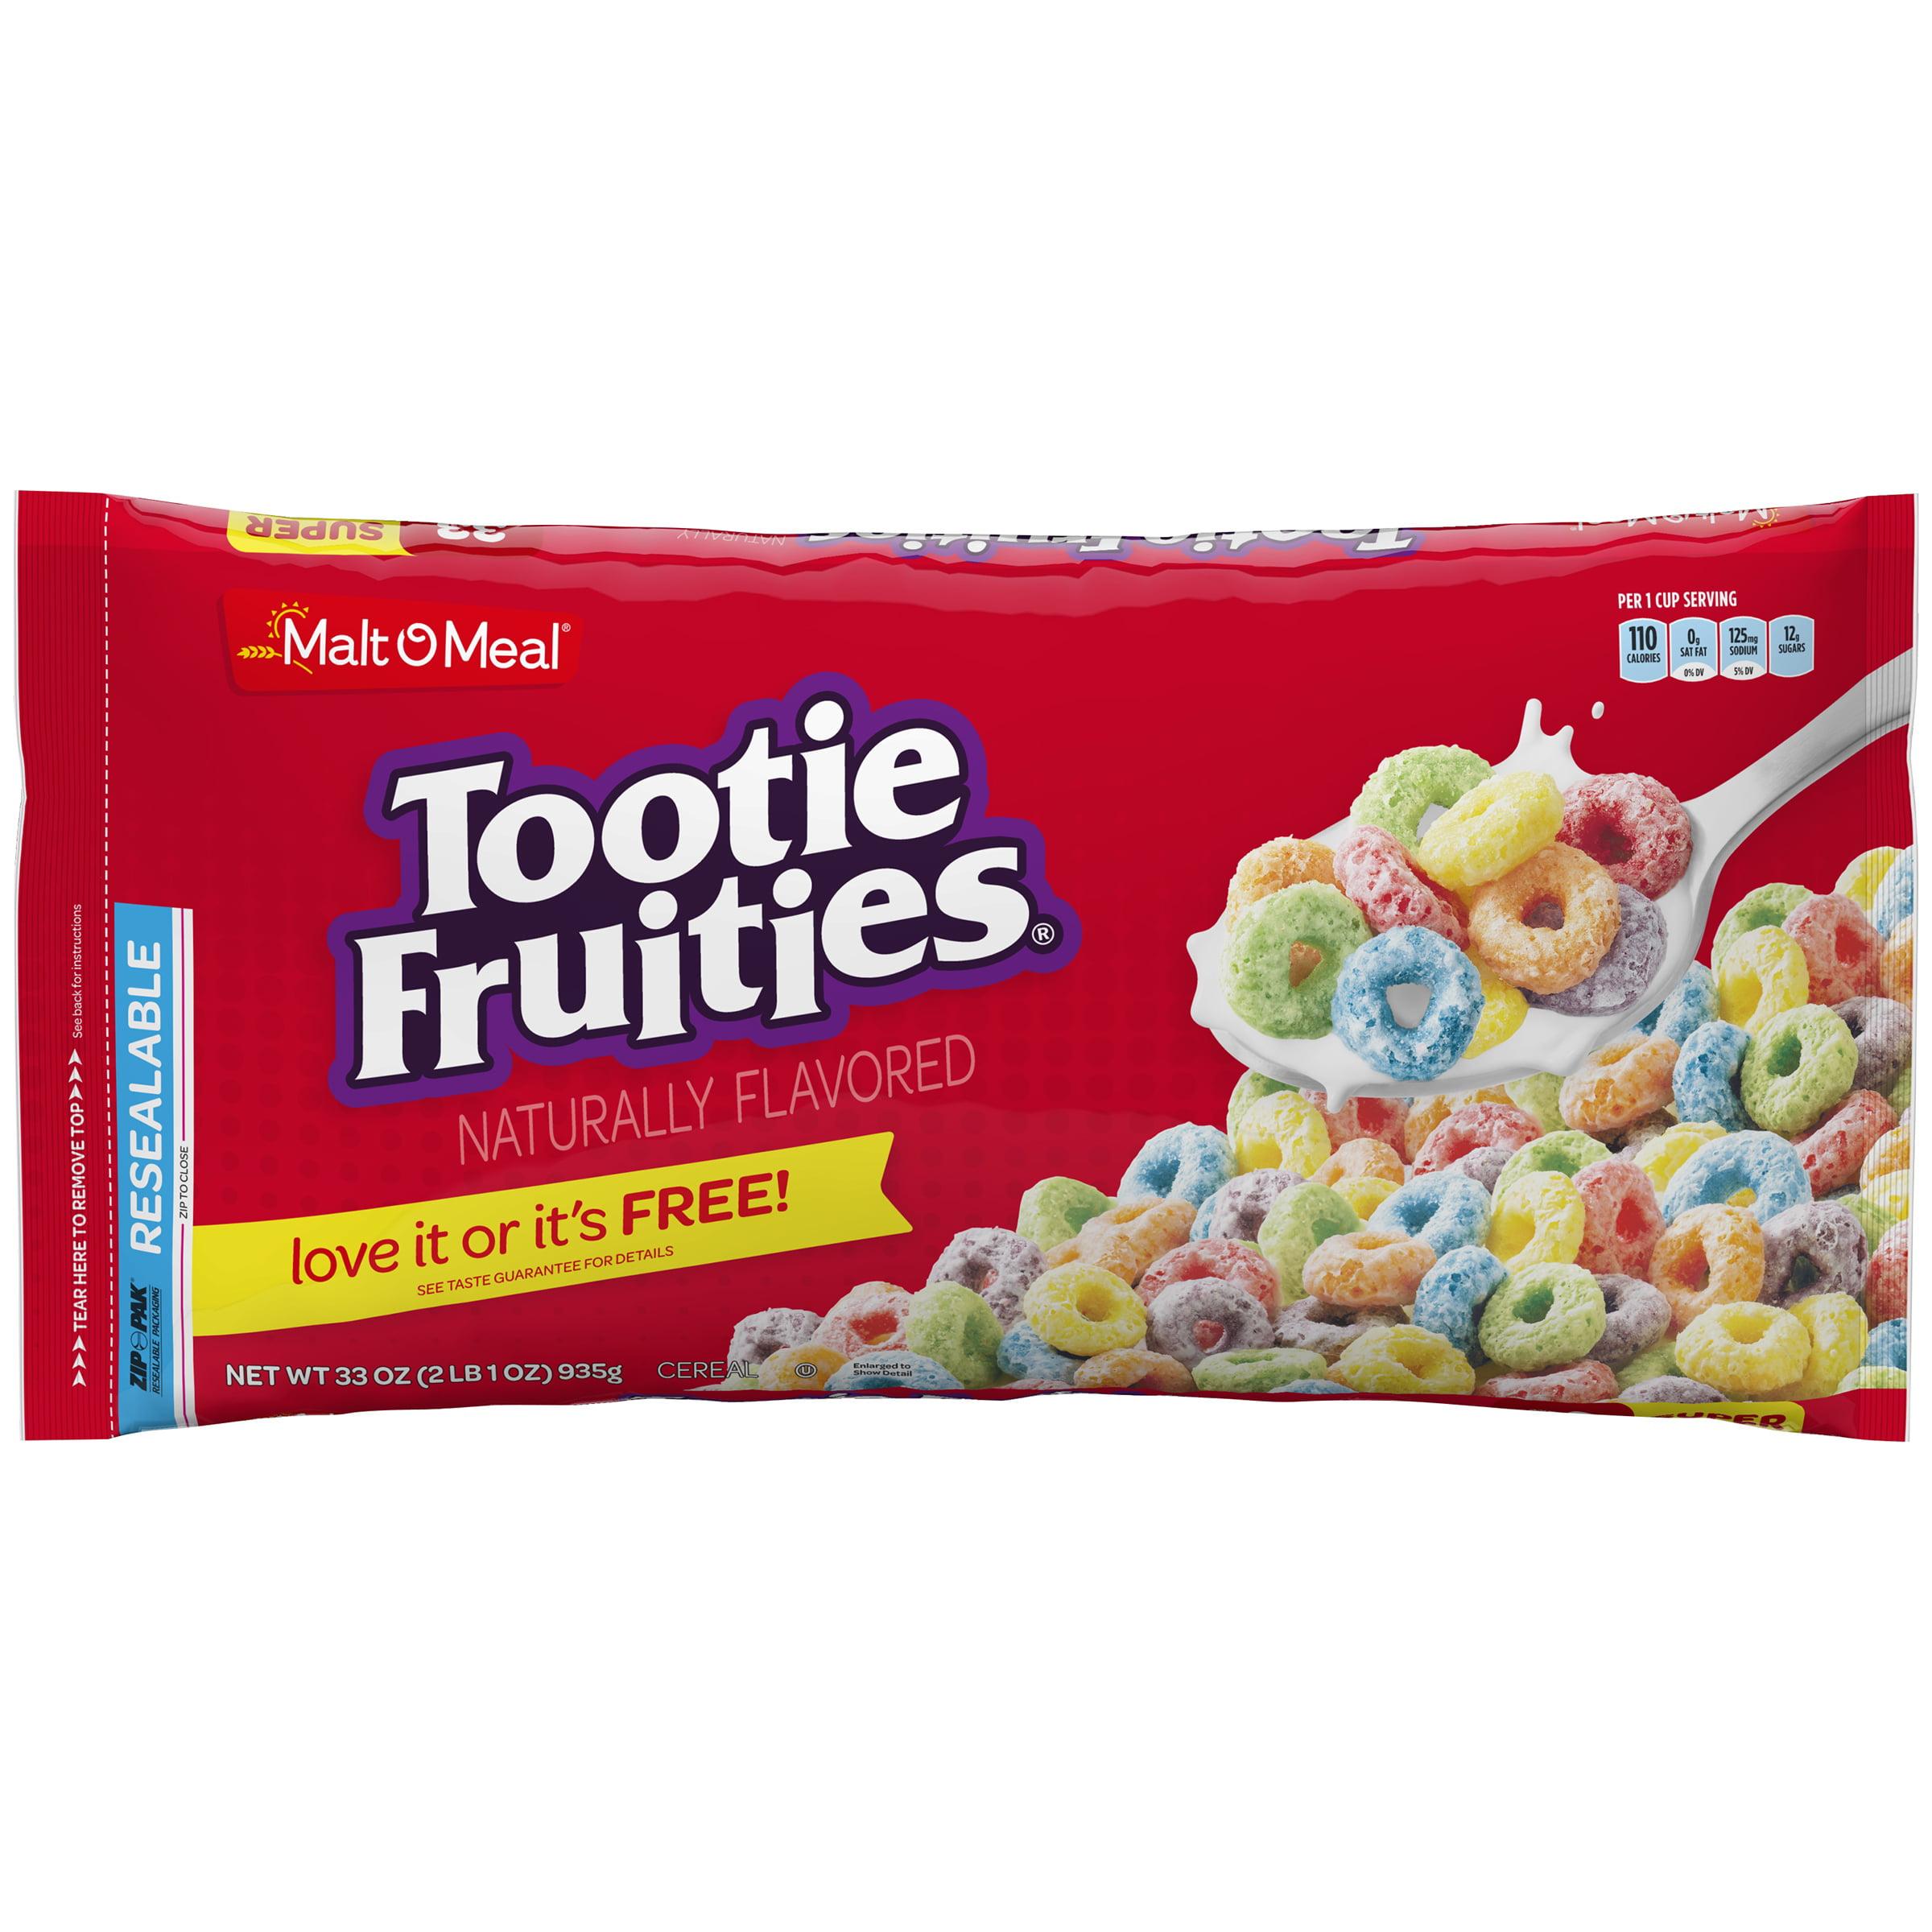 Malt-O-Meal Breakfast Cereal, Tootie Fruities, 33 Oz, Zip